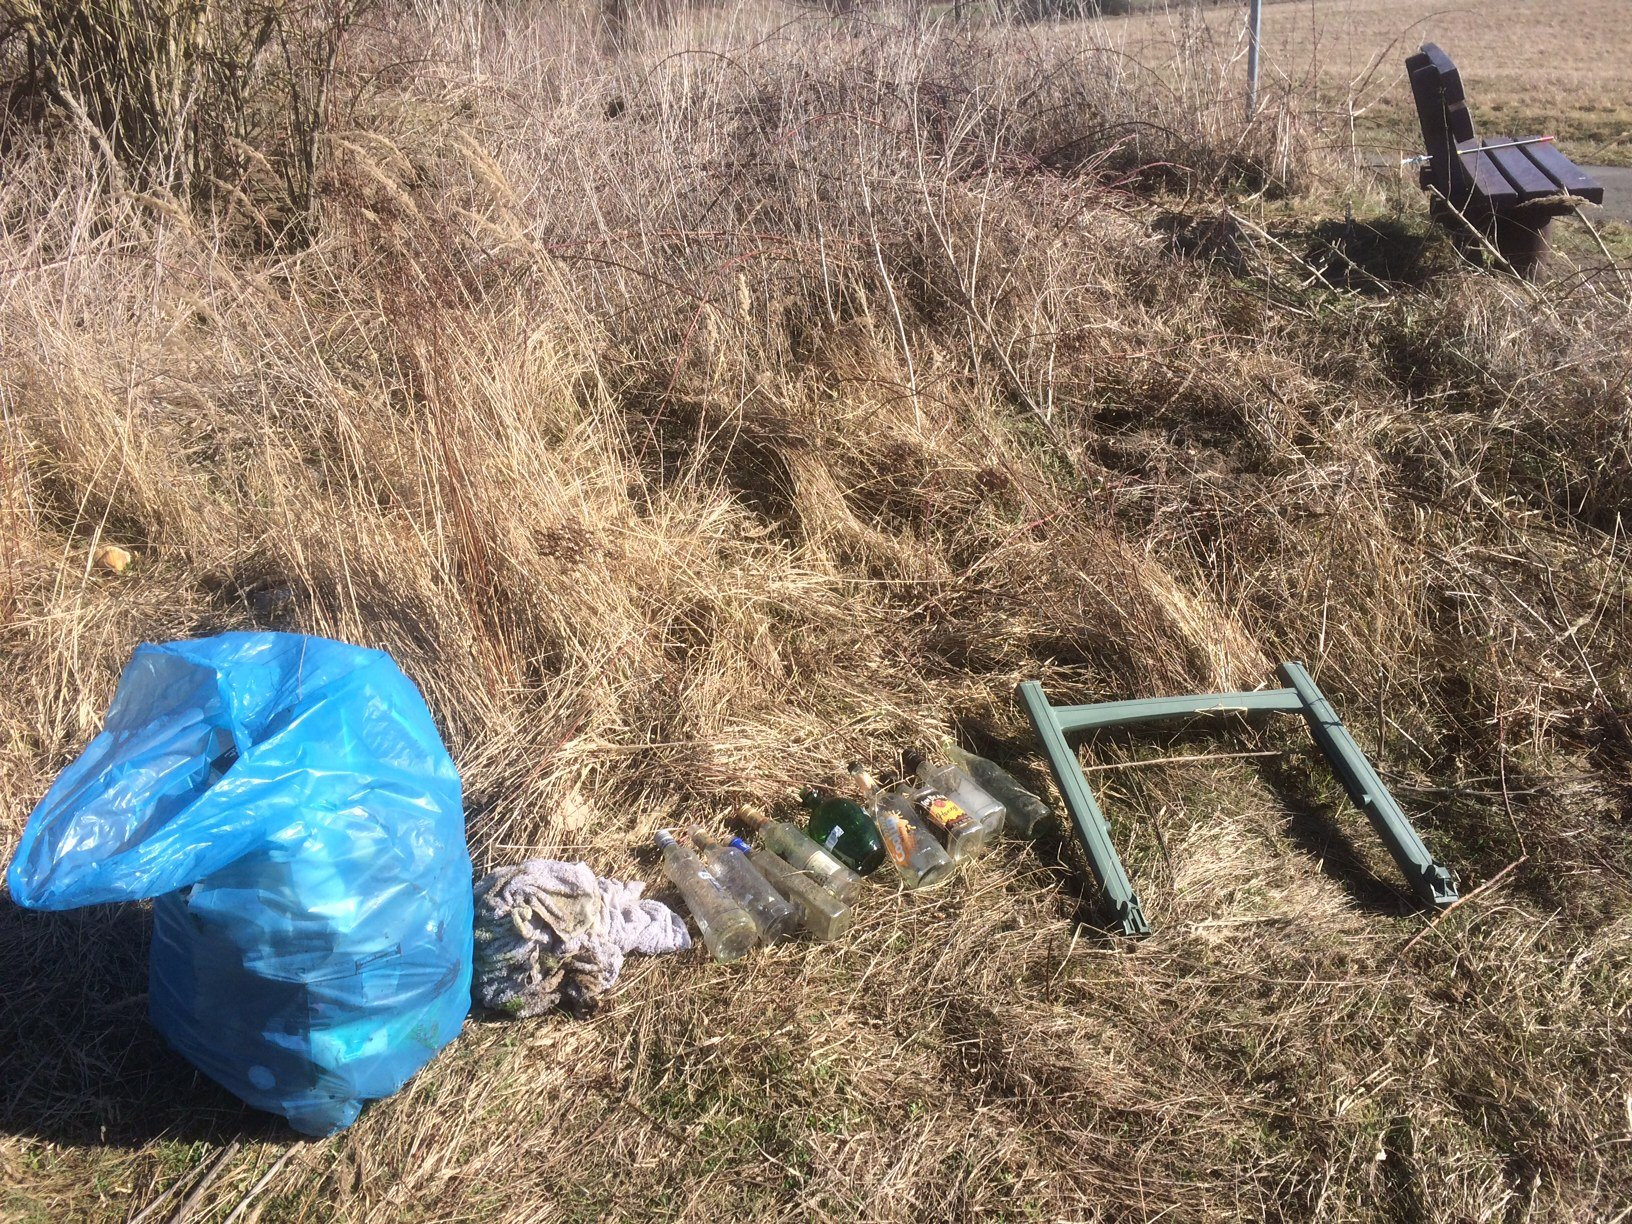 Müll gesammelt rund um eine Bank für Spaziergänger - kein Abfalleimer in der Nähe!